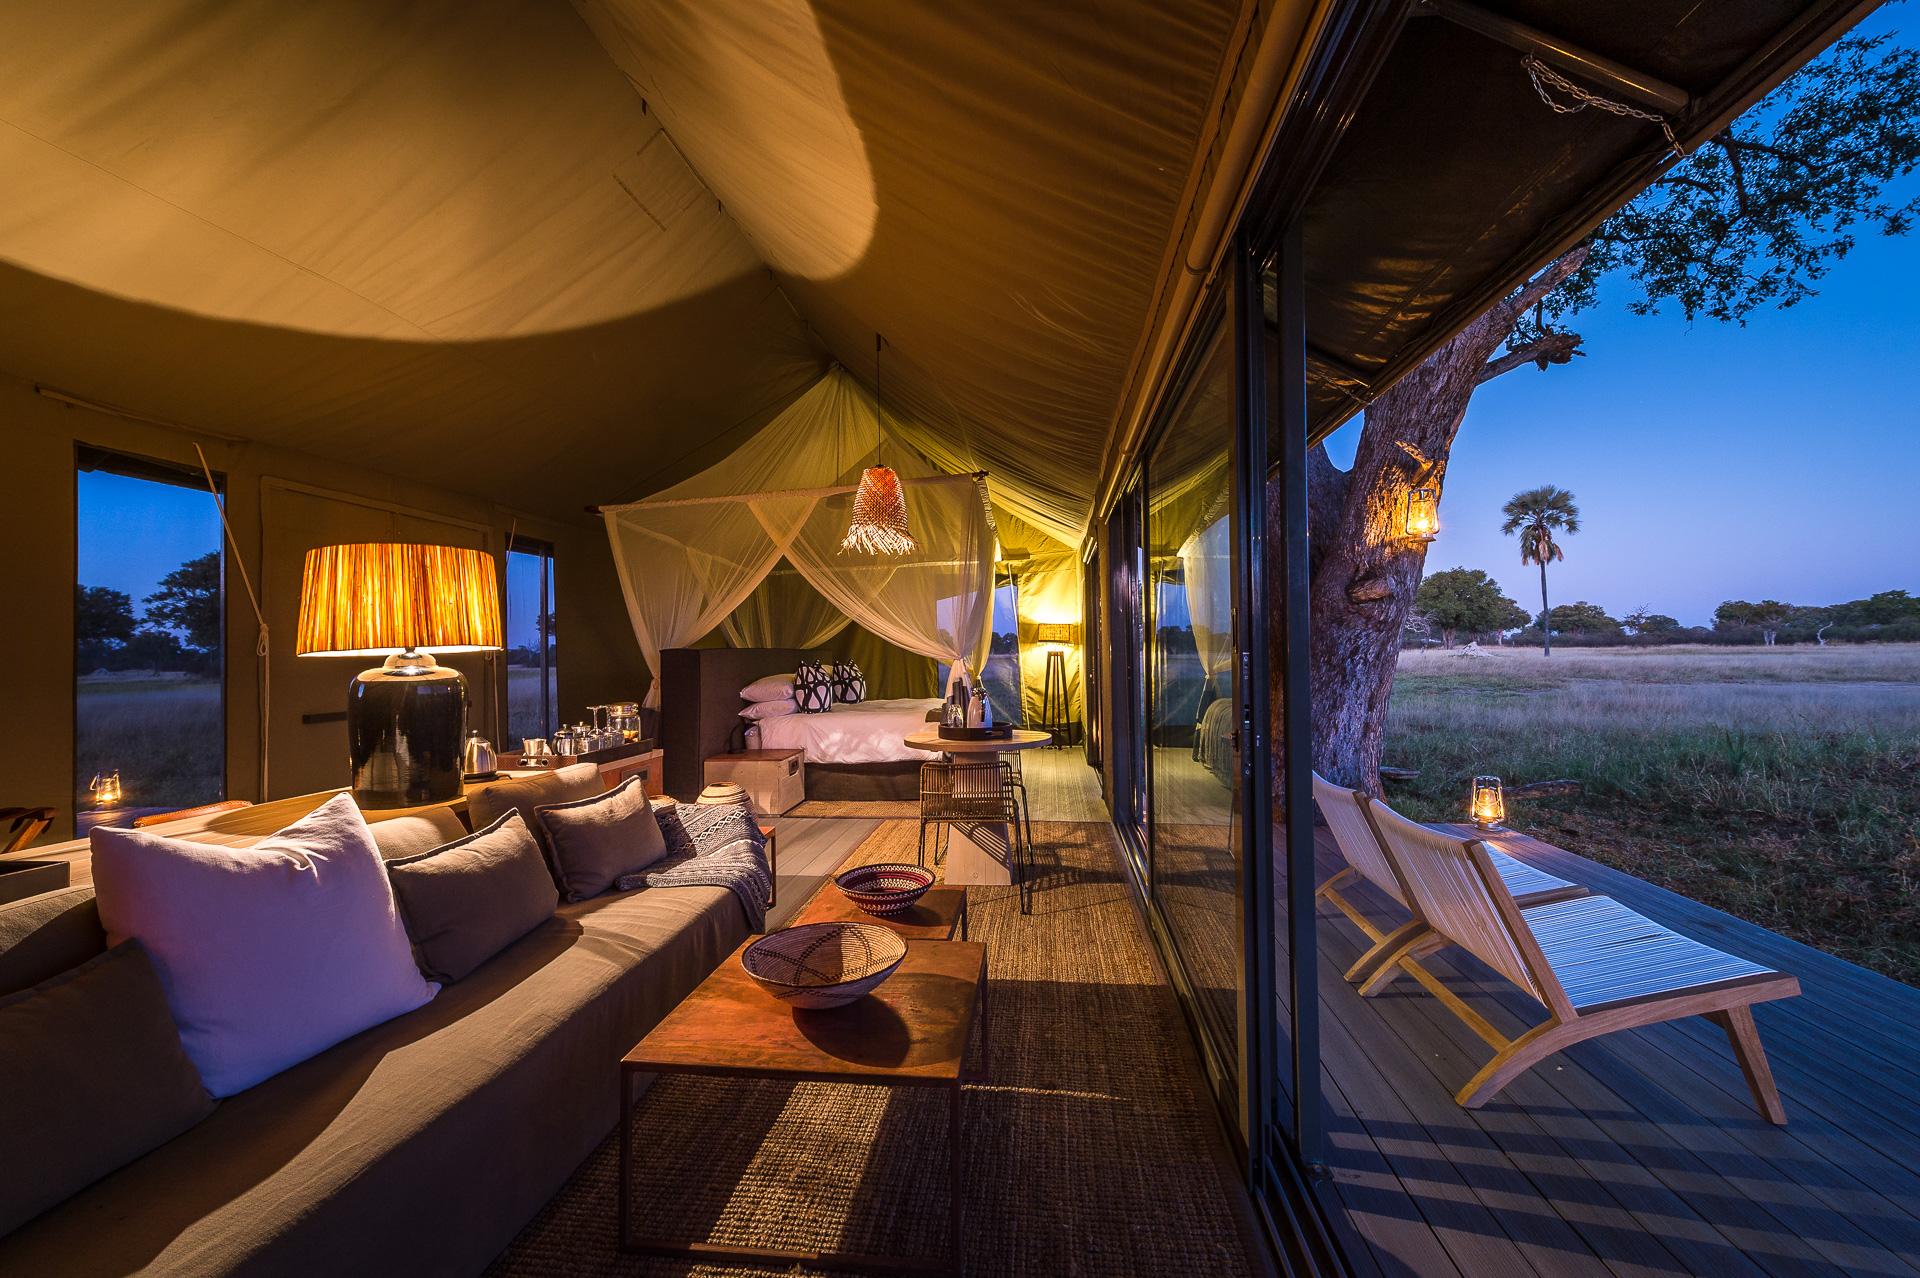 Linkwasha Camp Hwange Zimbabwe Tented Accommodation in the Evening